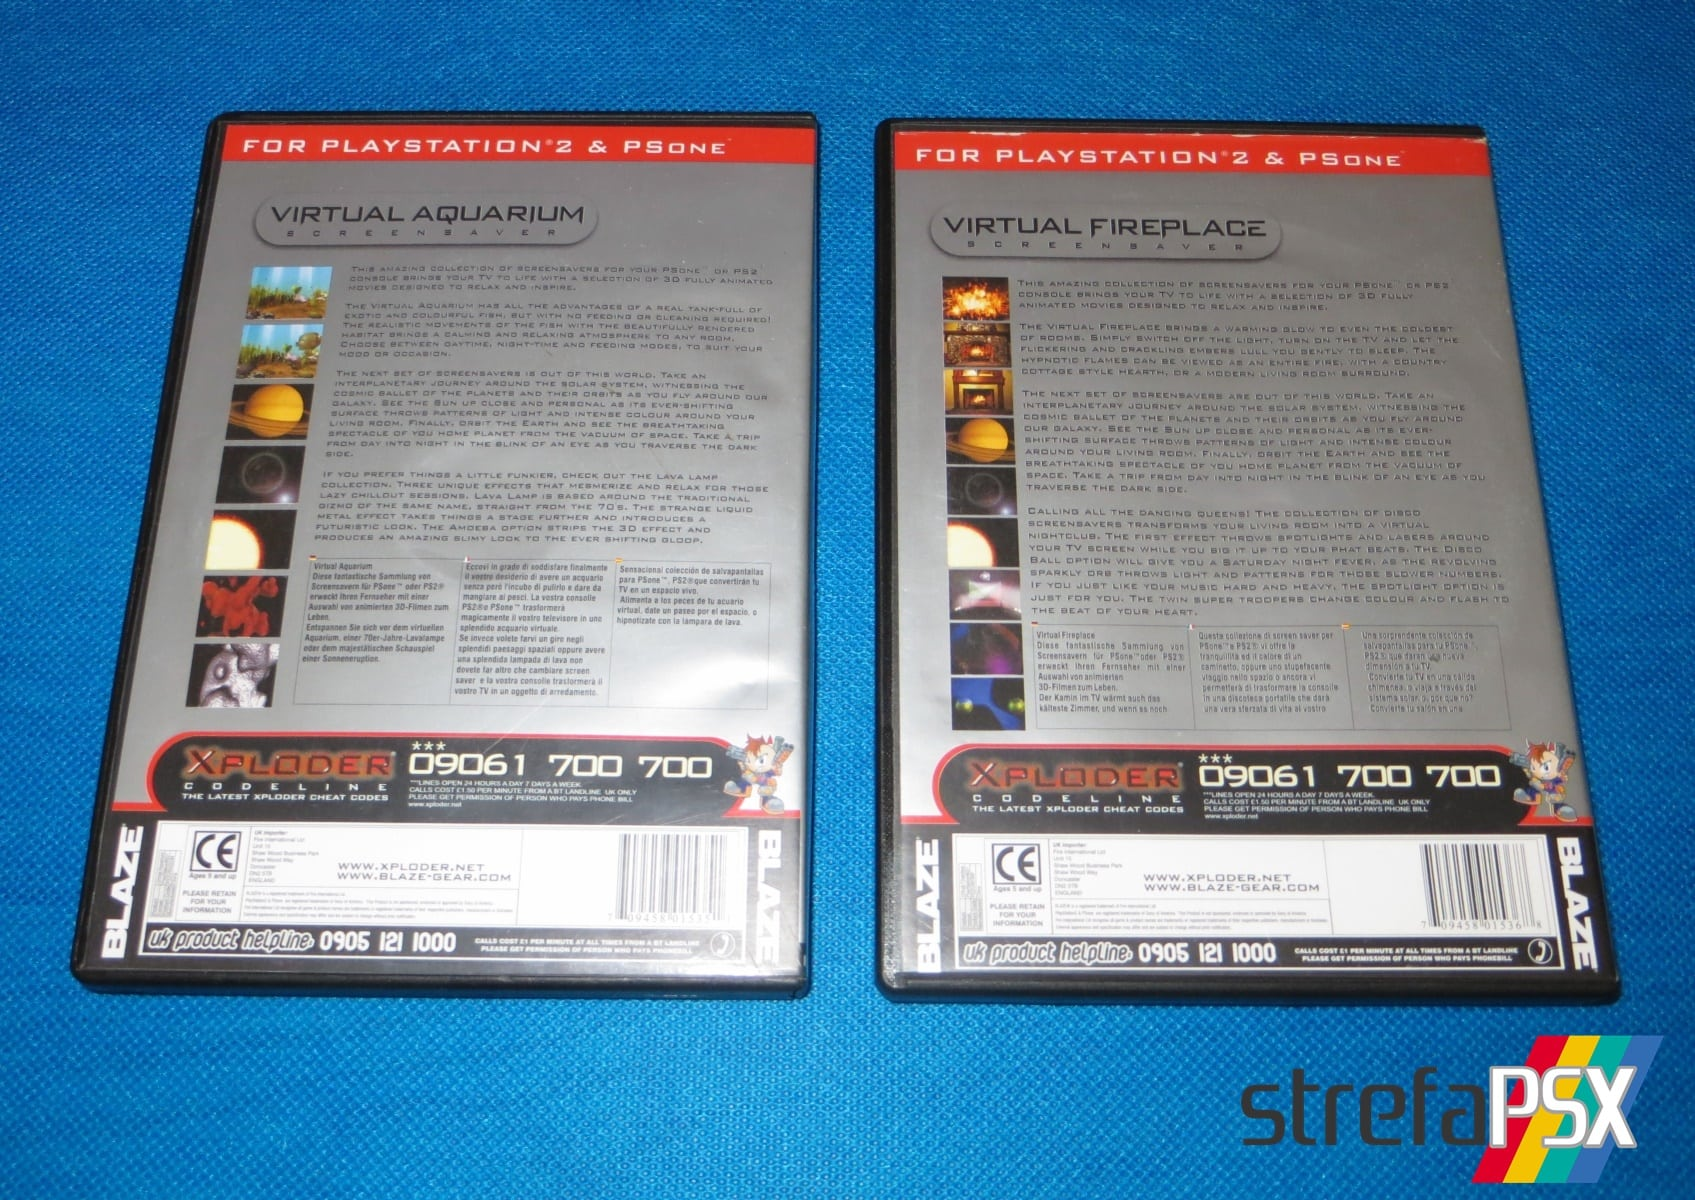 nieoficjalne gry psx 3 - Nieoficjalne oprogramowanie na PlayStation